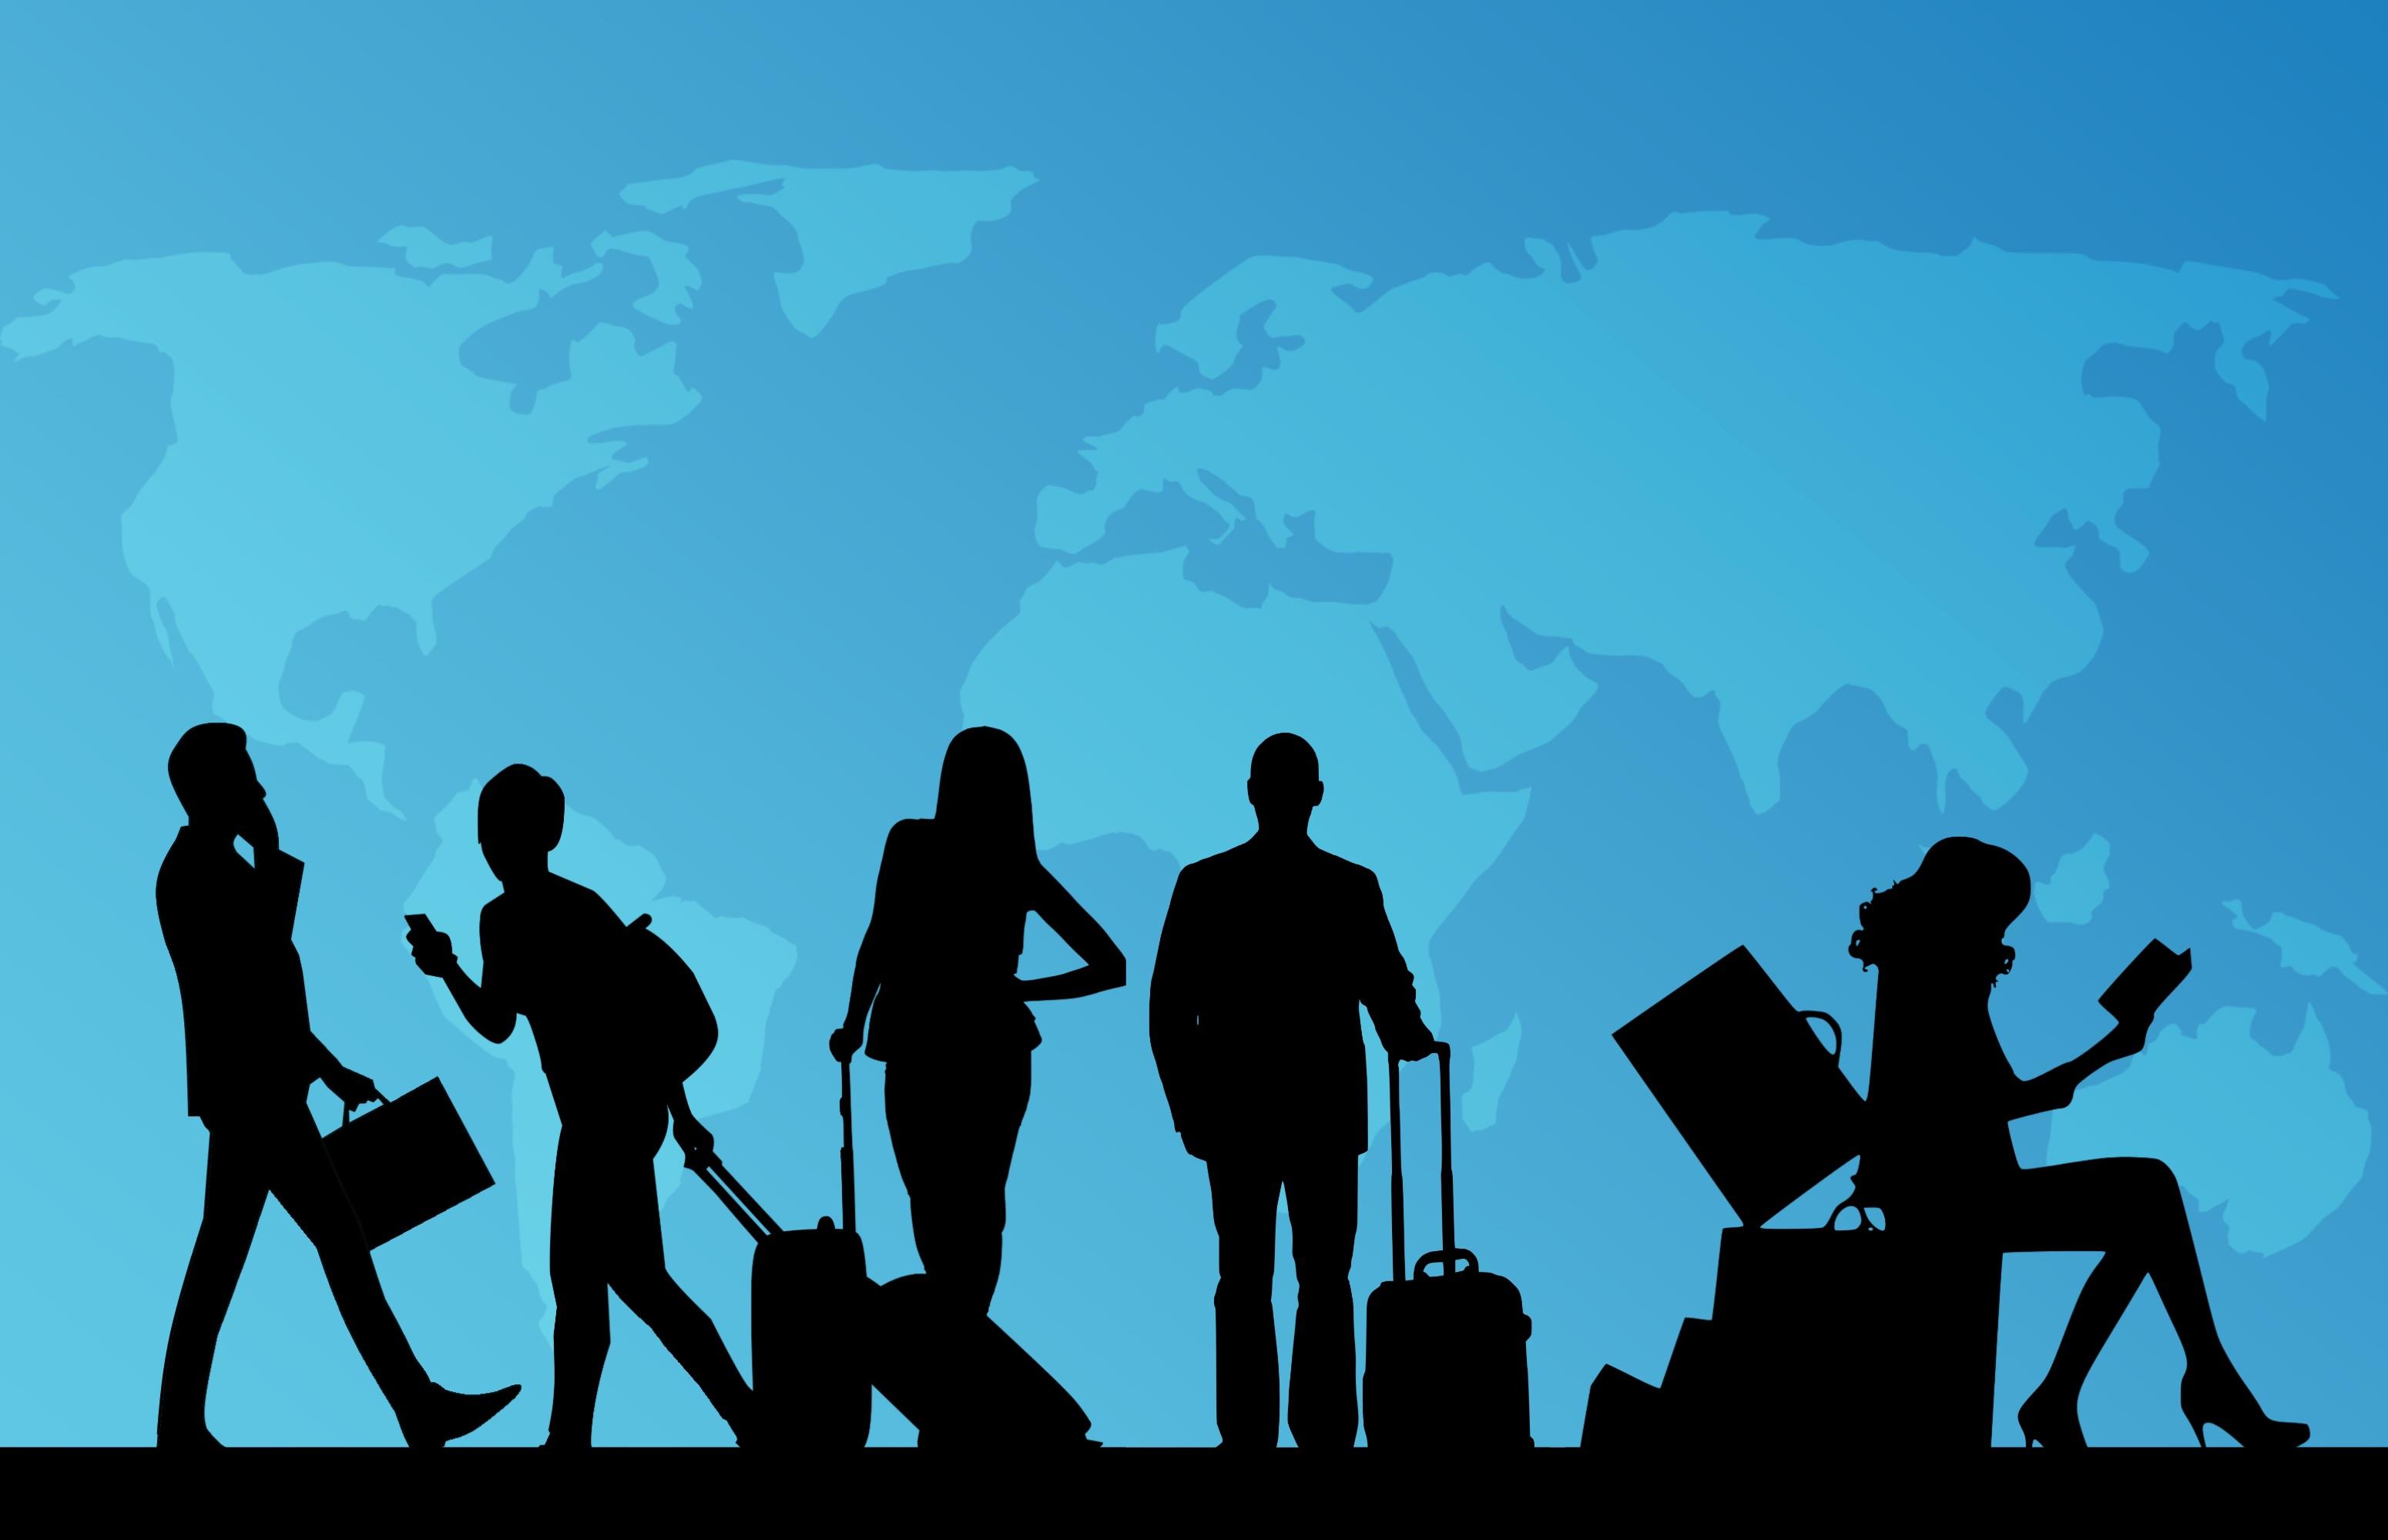 壁紙 人々 シルエット ツーリスト スーツケース ダウンロード 写真